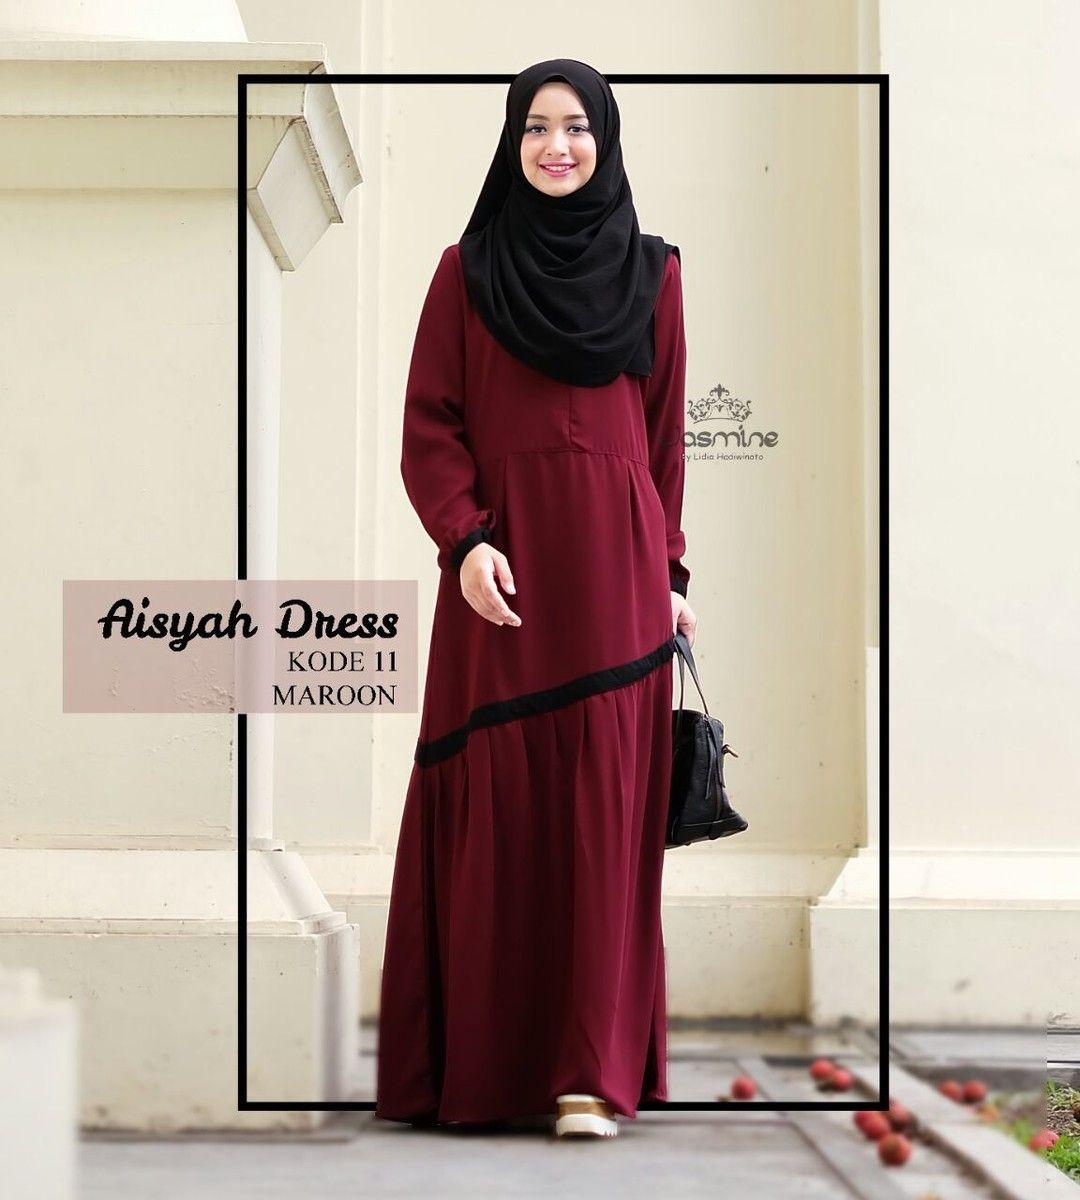 Gamis Jasmine Aisyah Dress 11 - baju gamis wanita busana muslim Untukmu yg  cantik syari dan 64121ebd54